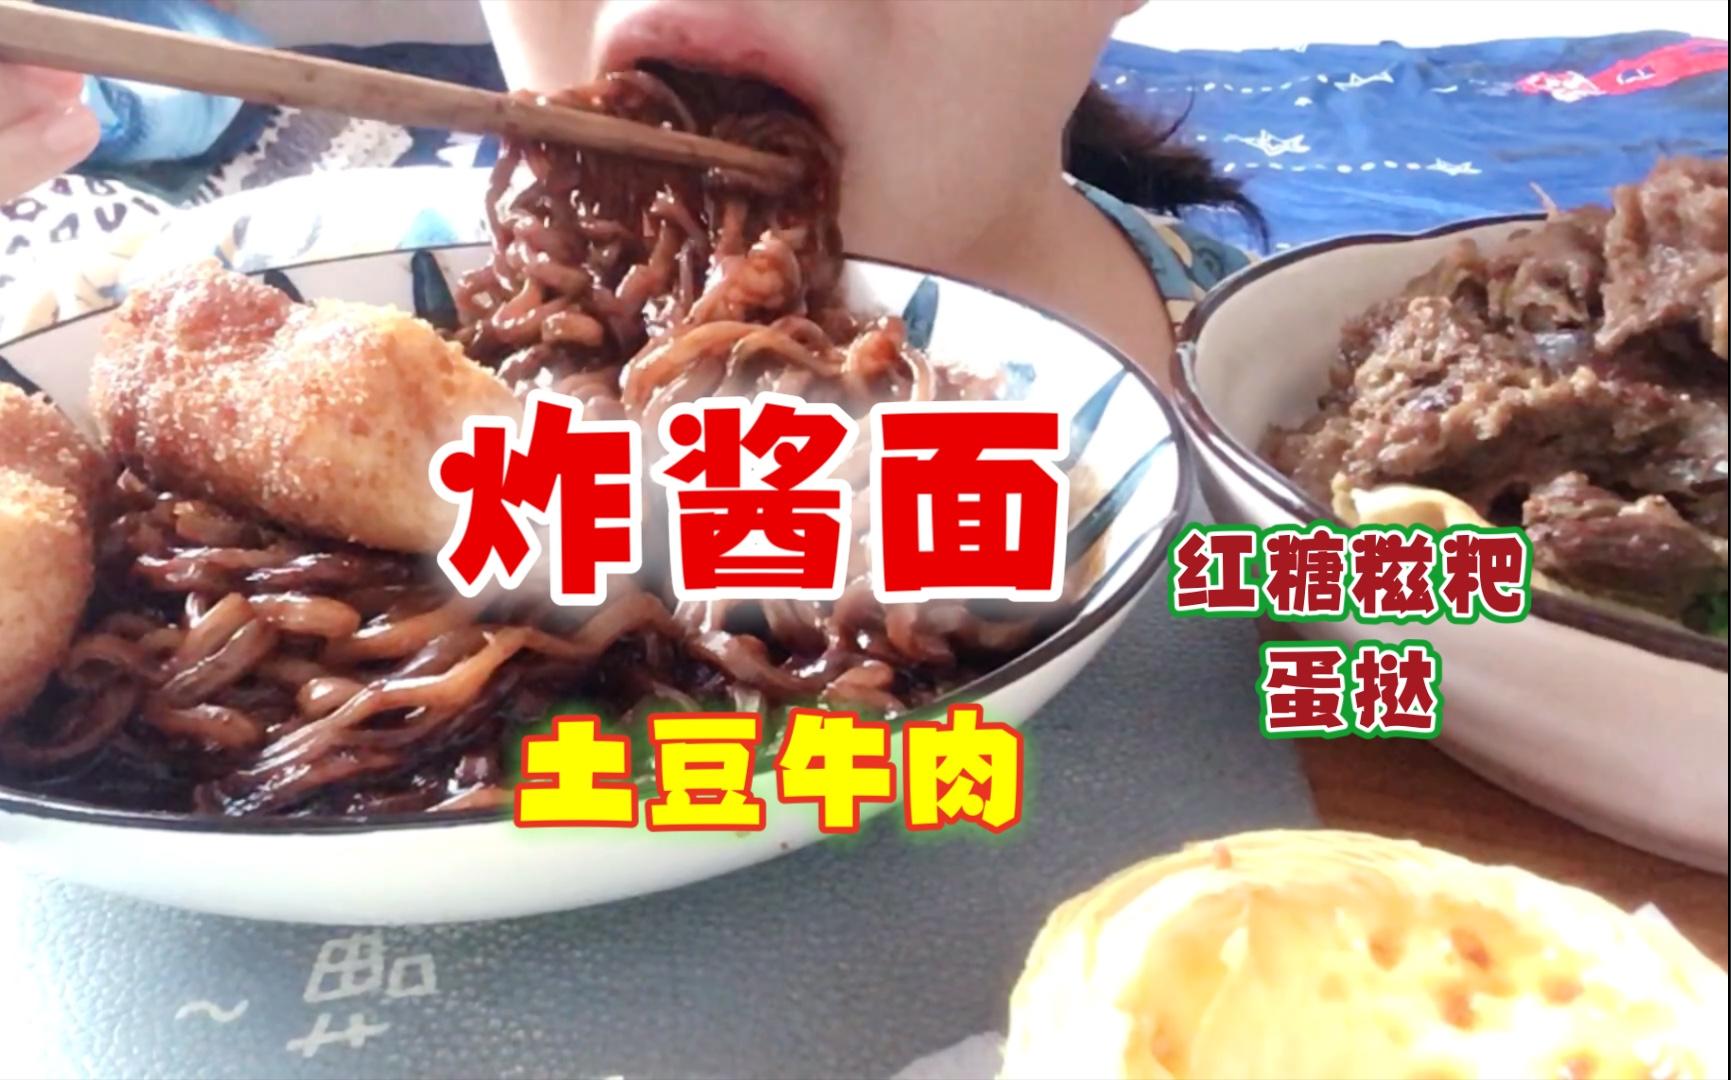 (无讲话)炸酱面、土豆牛腩、蛋挞、红糖糍粑、咖啡*冻……回家好幸福